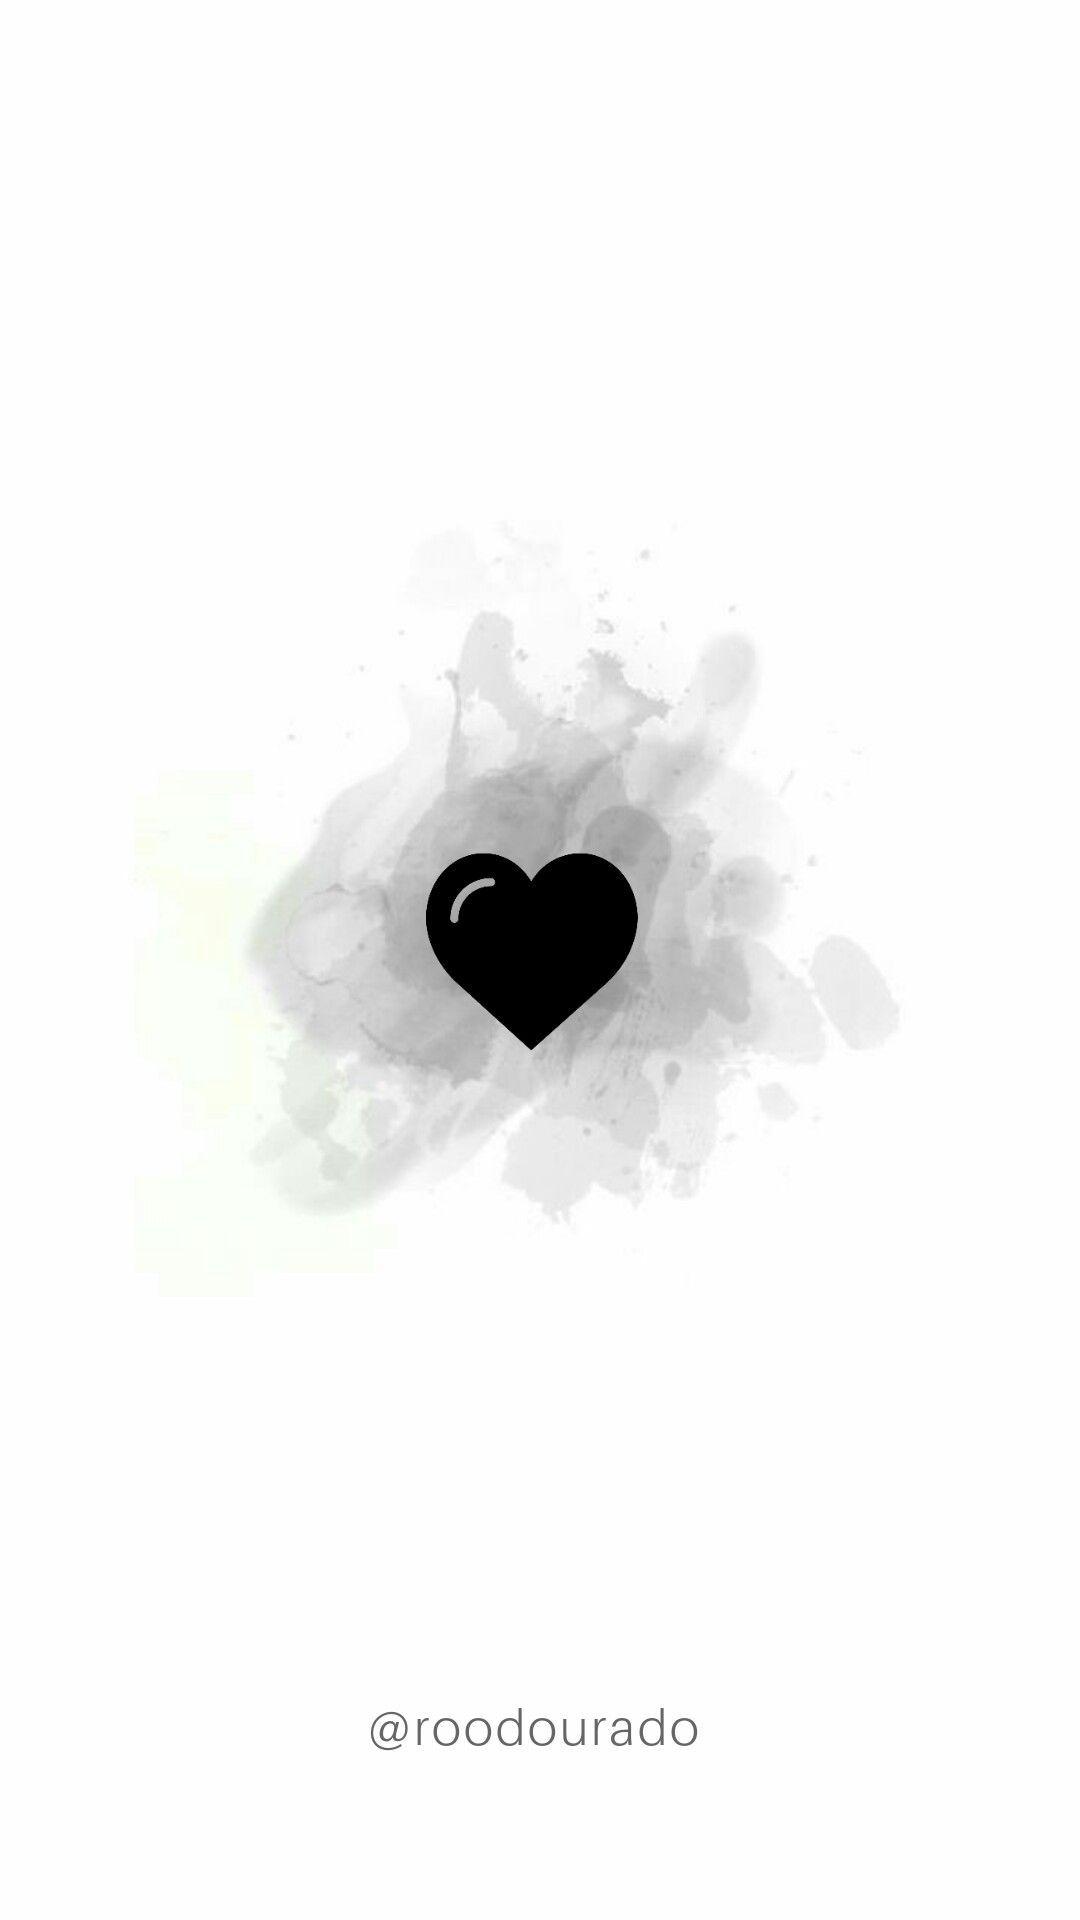 Storie Instagram template destaque Instagram coração Heart love ...